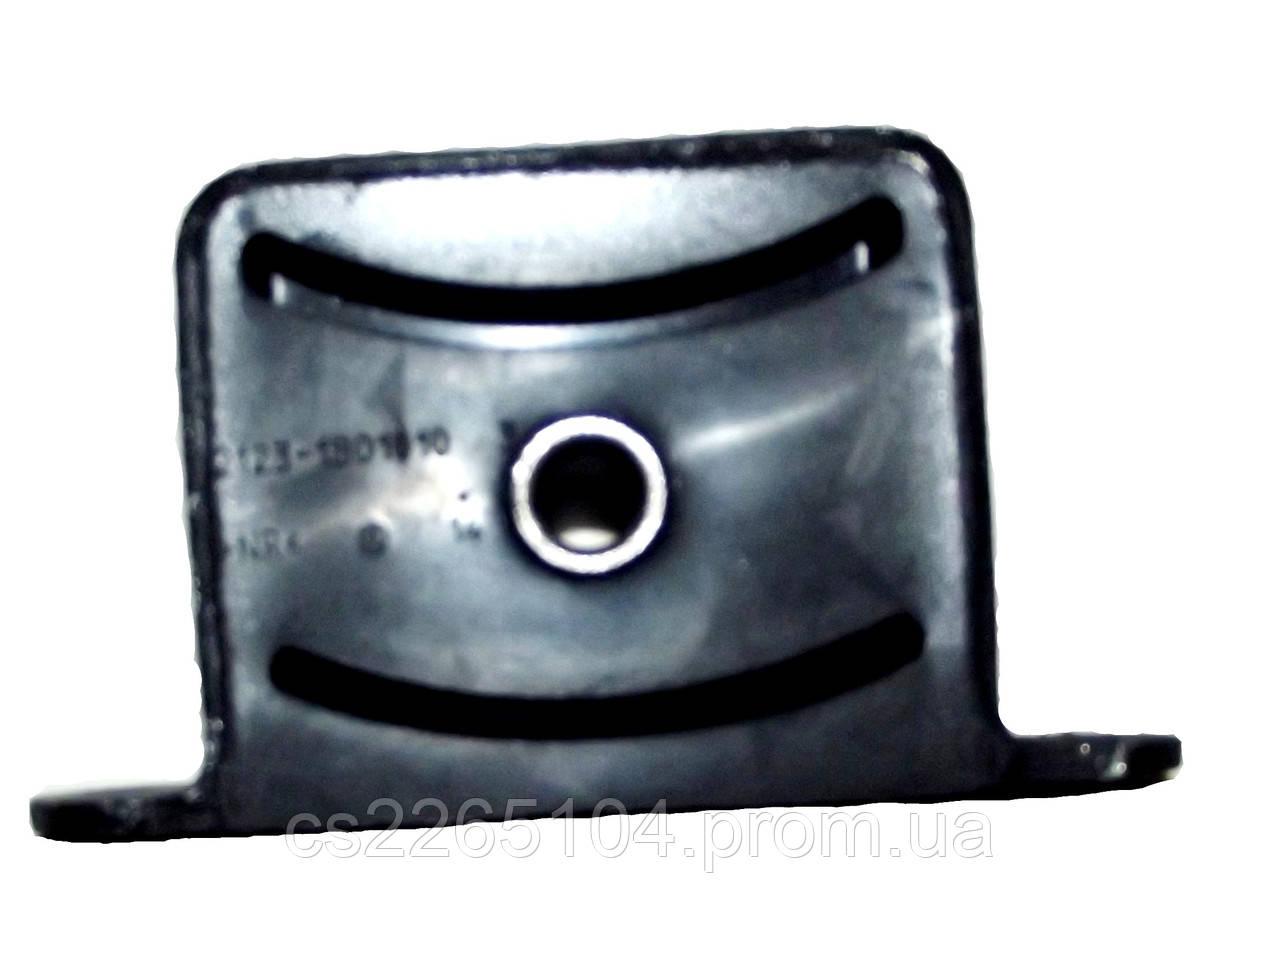 Подушка раздаточной коробки ВАЗ 2123 БРТ